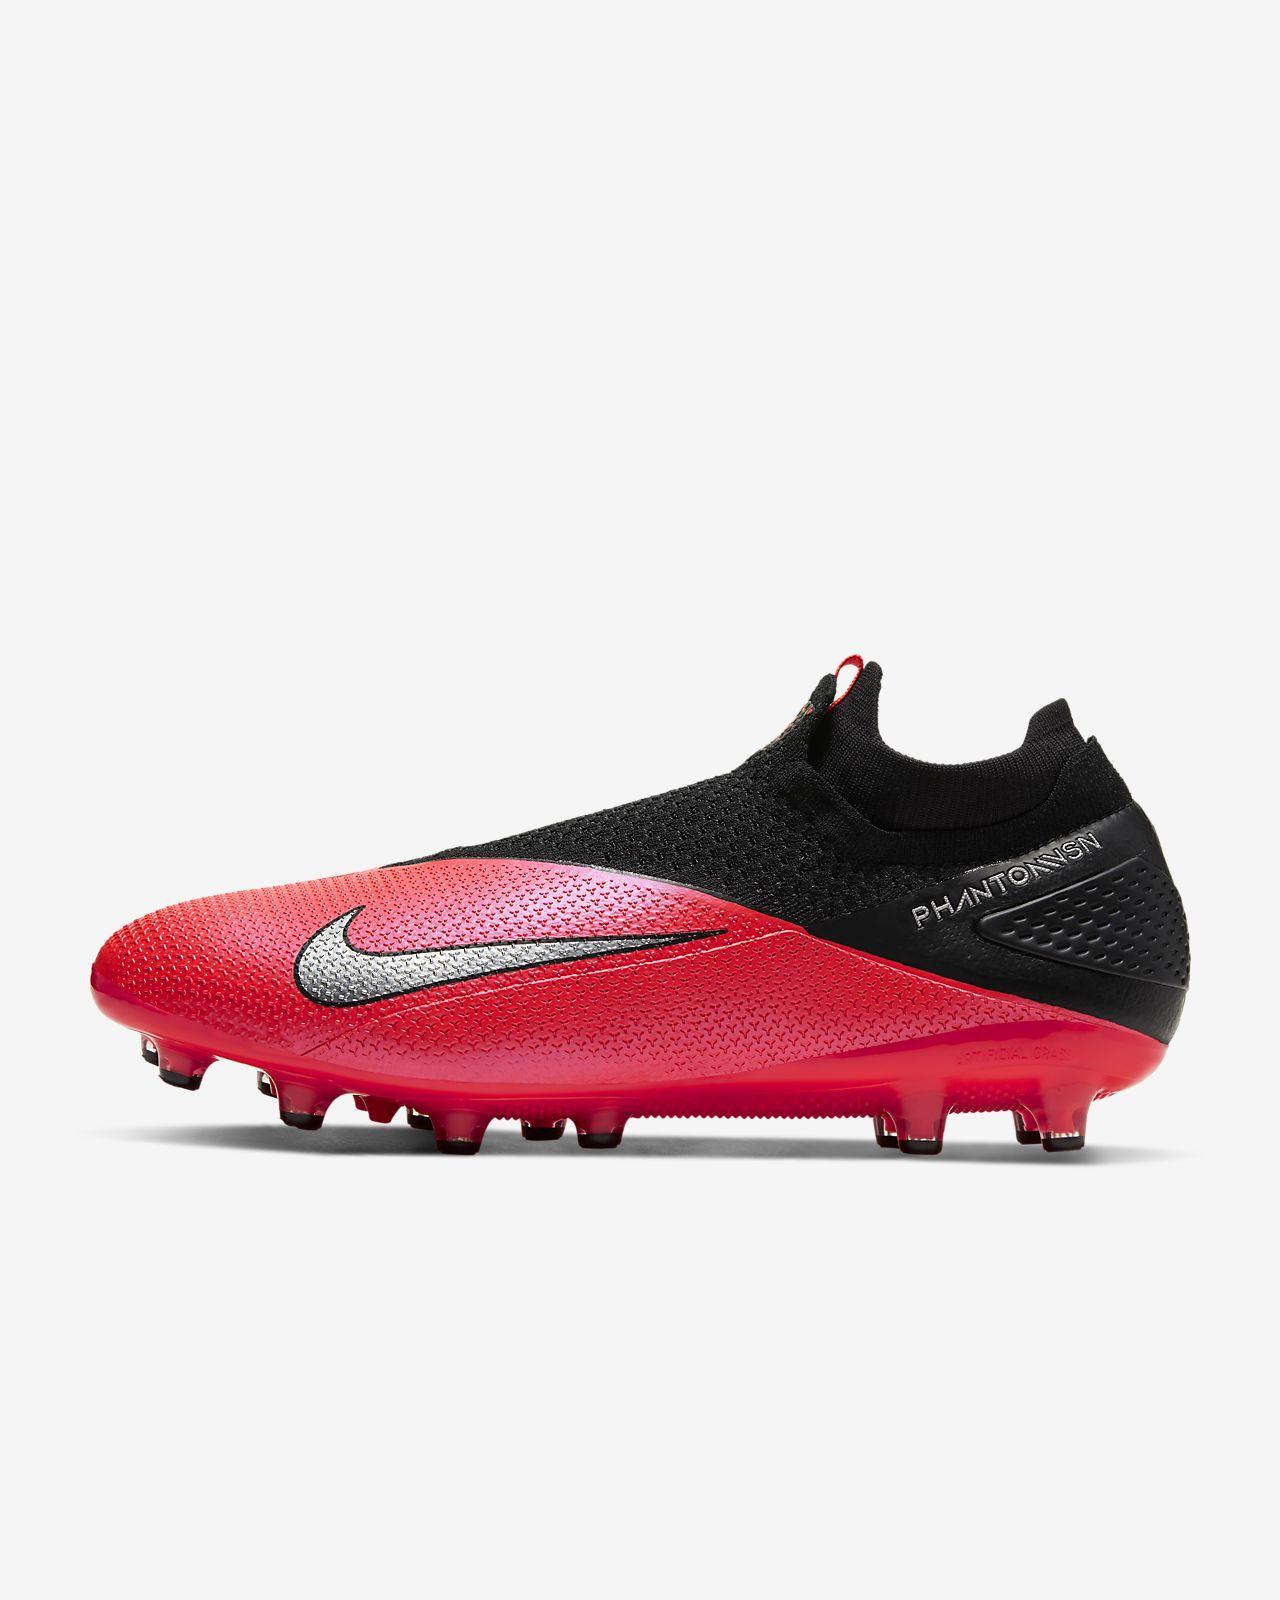 Nike Phantom Vision 2 Elite Dynamic Fit AG-PRO Fußballschuh für Kunstrasen